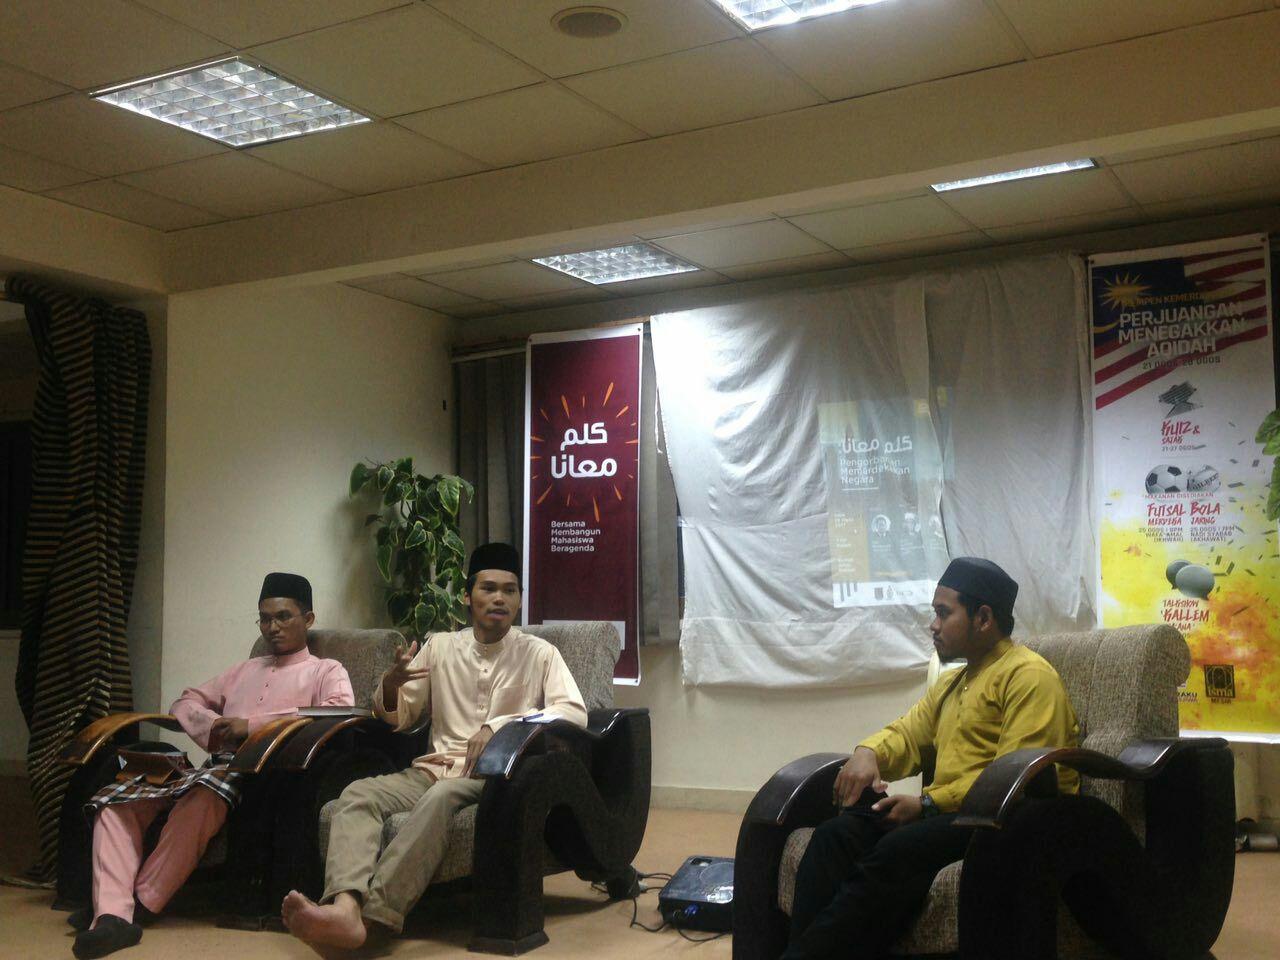 Perjuangan Melayu Dikenang di Bkan Johor Rabaah